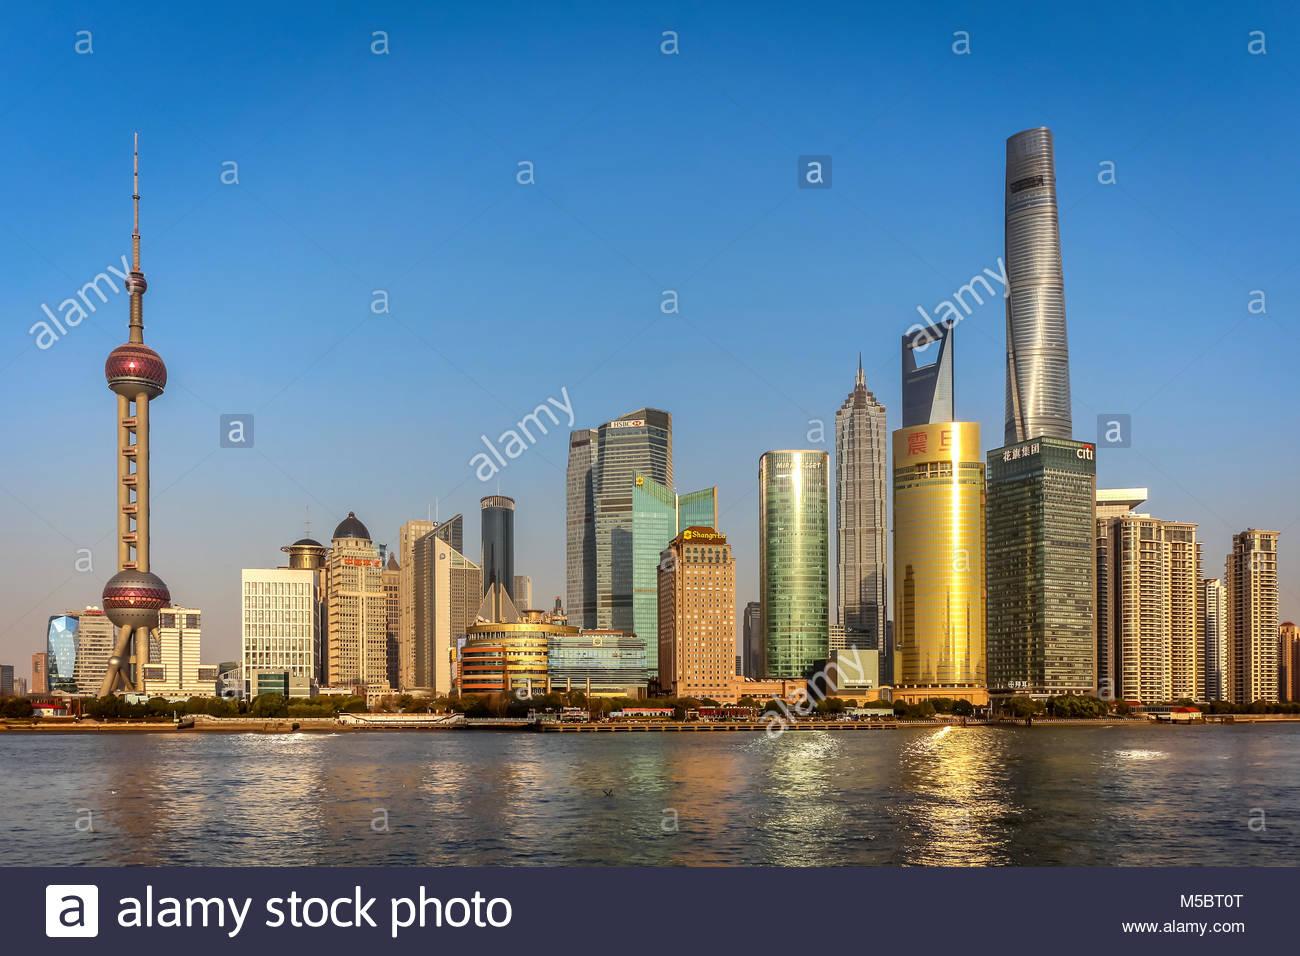 Die berühmte Skyline von Shanghai im Stadtteil Pudong u.a. mit dem Oriental Pearl Tower, Shanghai Tower, Shanghai - Stock Image